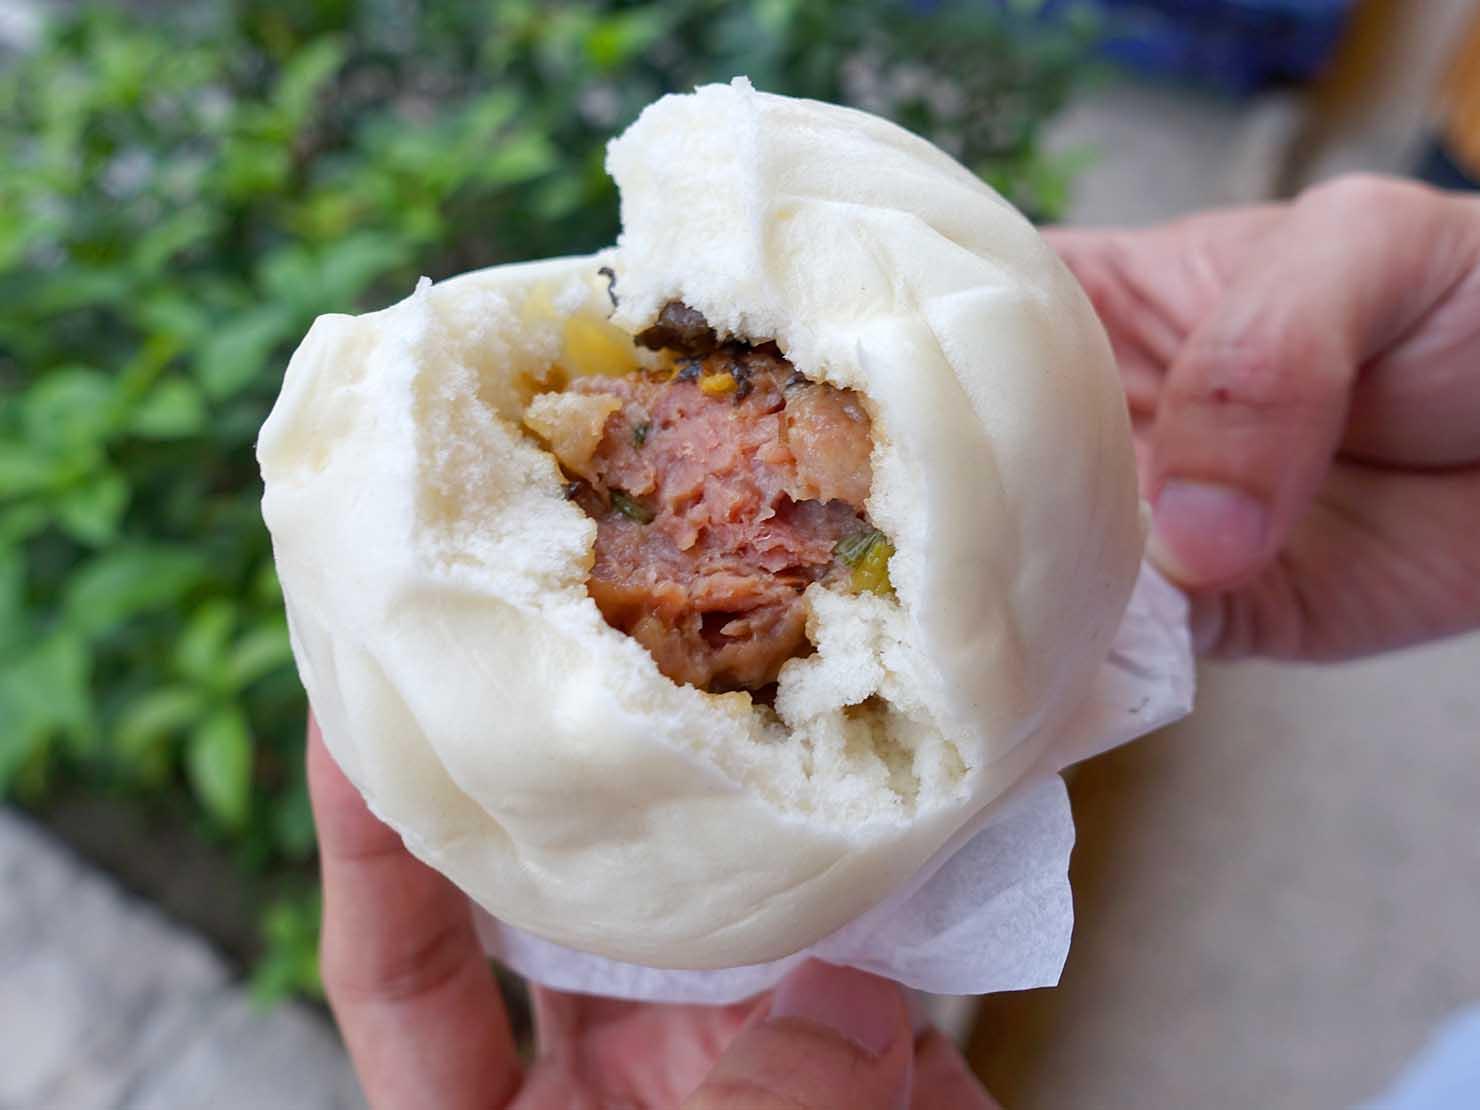 台南・孔廟エリアのおすすめグルメ店「克林台包」の八寶肉包クローズアップ